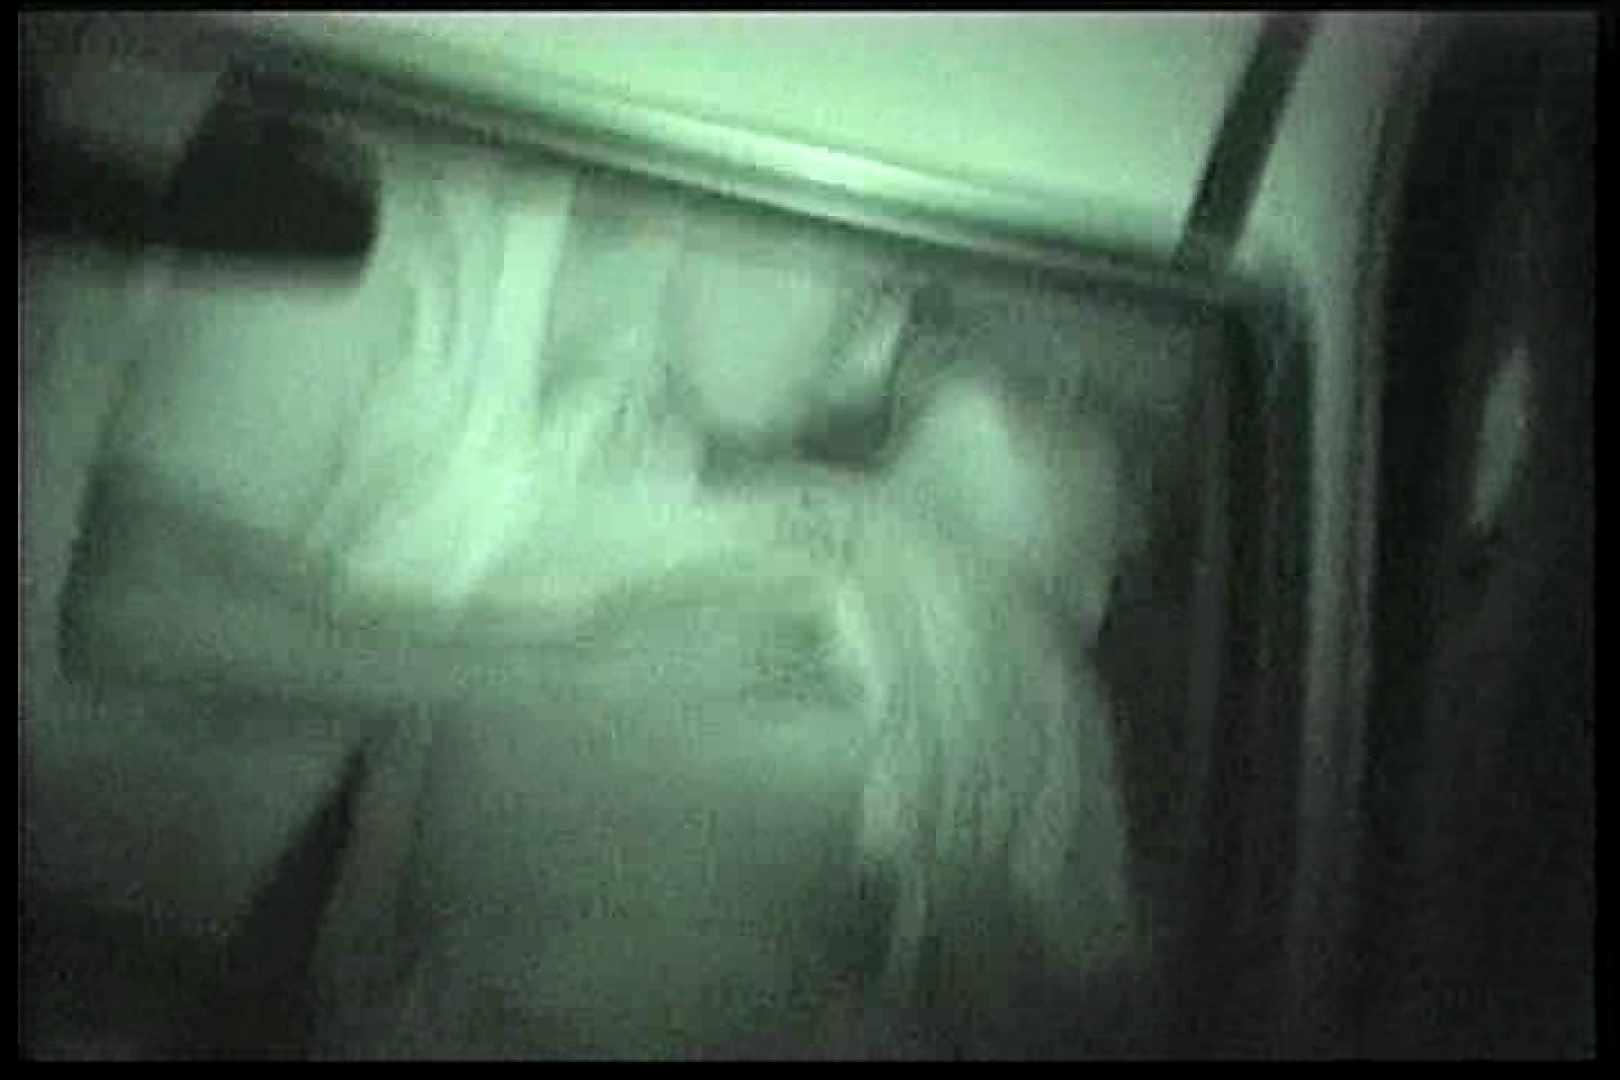 車の中はラブホテル 無修正版  Vol.11 カップル セックス無修正動画無料 18pic 12